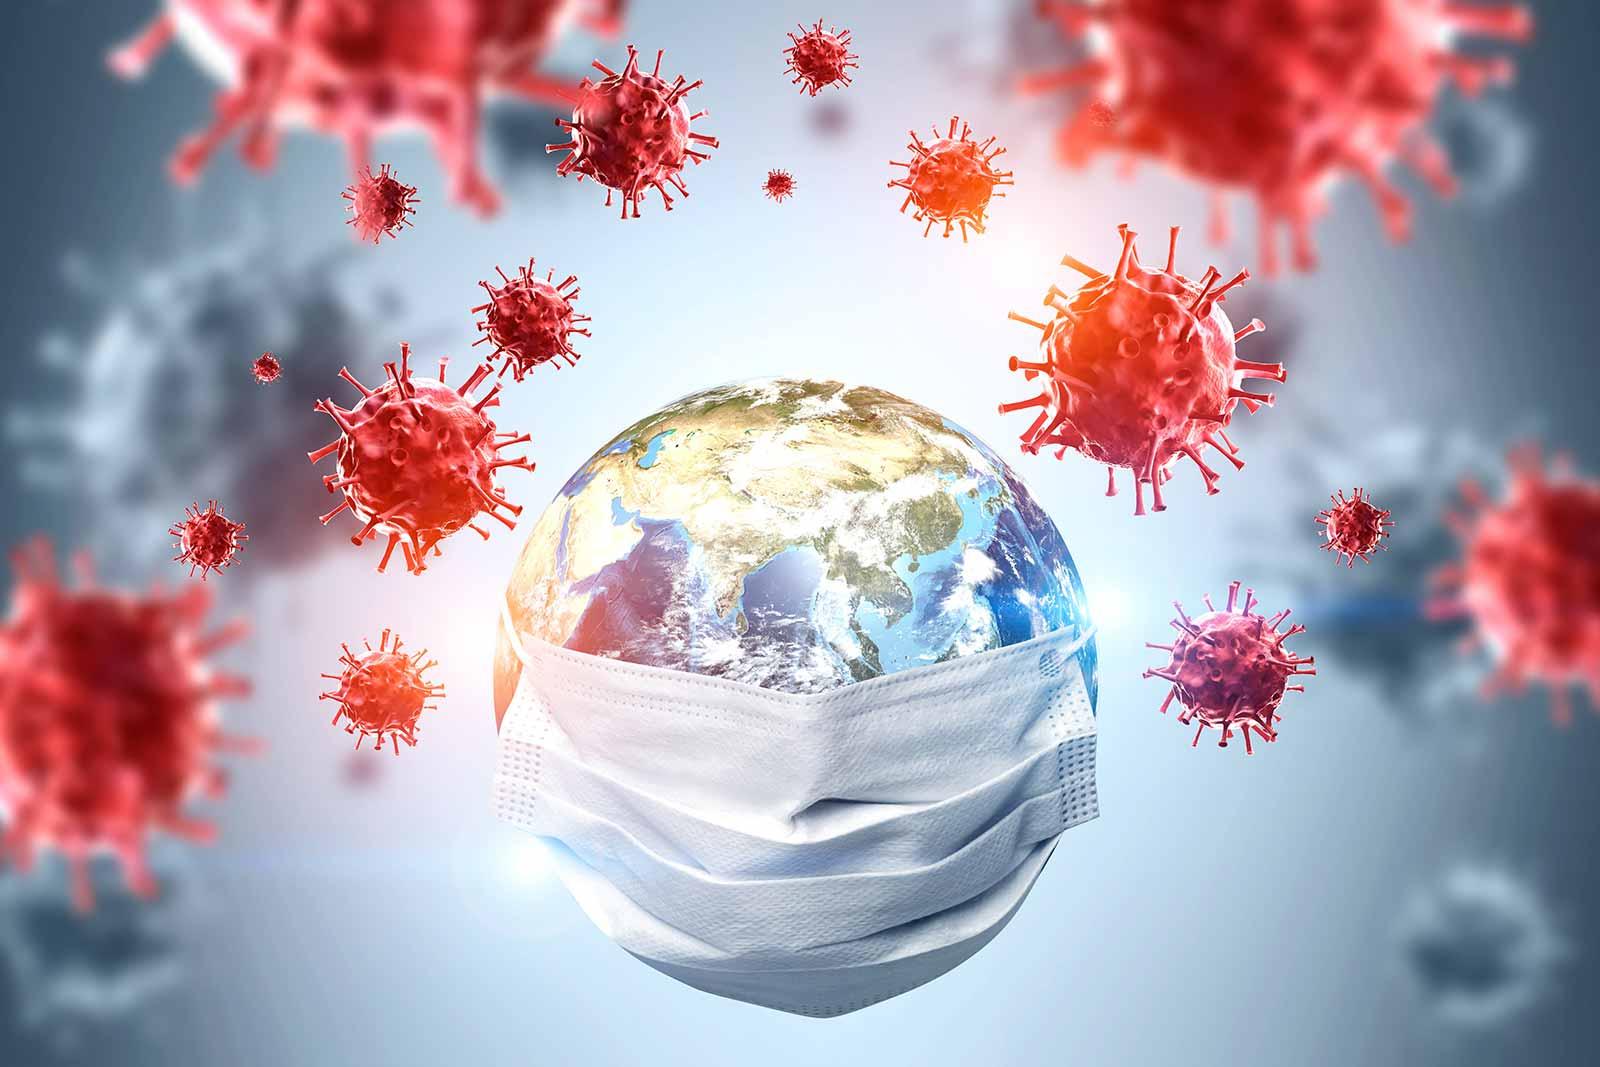 Fotografia ilustrativa do Planeta Terra usando uma máscara e diversos vírus ao redor dele